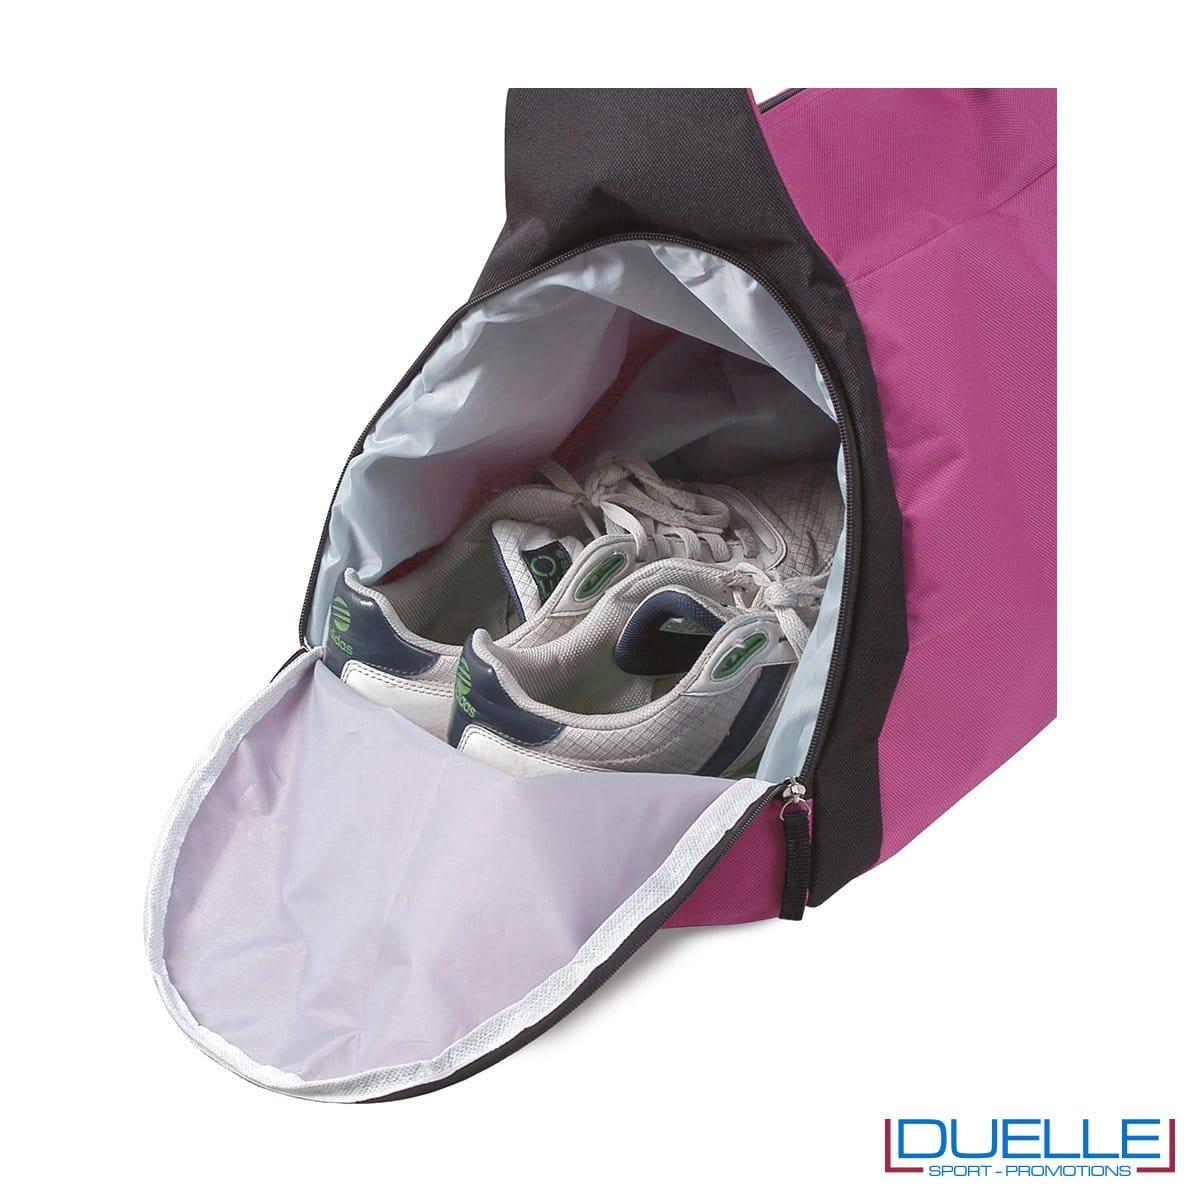 particolare chiusura porta scarpe della borsa sportiva colore FUXIA ideale per la palestra, borse sportive personalizzate, gadget sportivi personalizzati